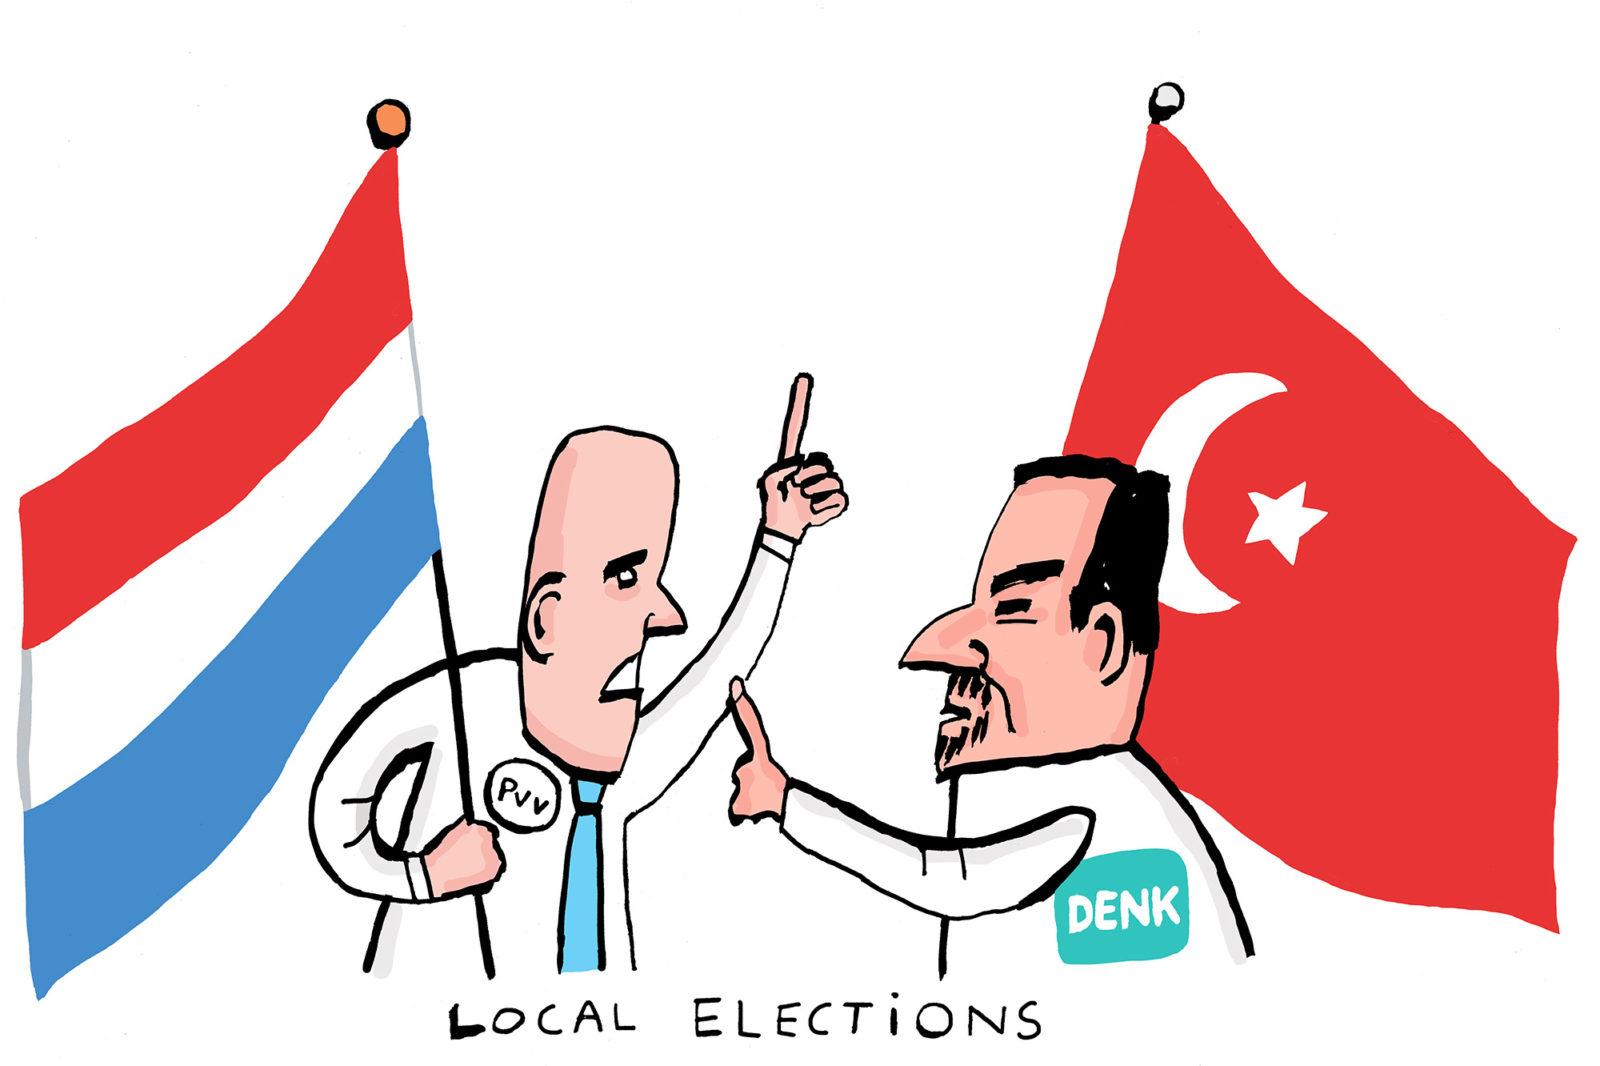 de-kwestie-en-verkiezingsuitslag-pvv-denk-bas-van-der-schot